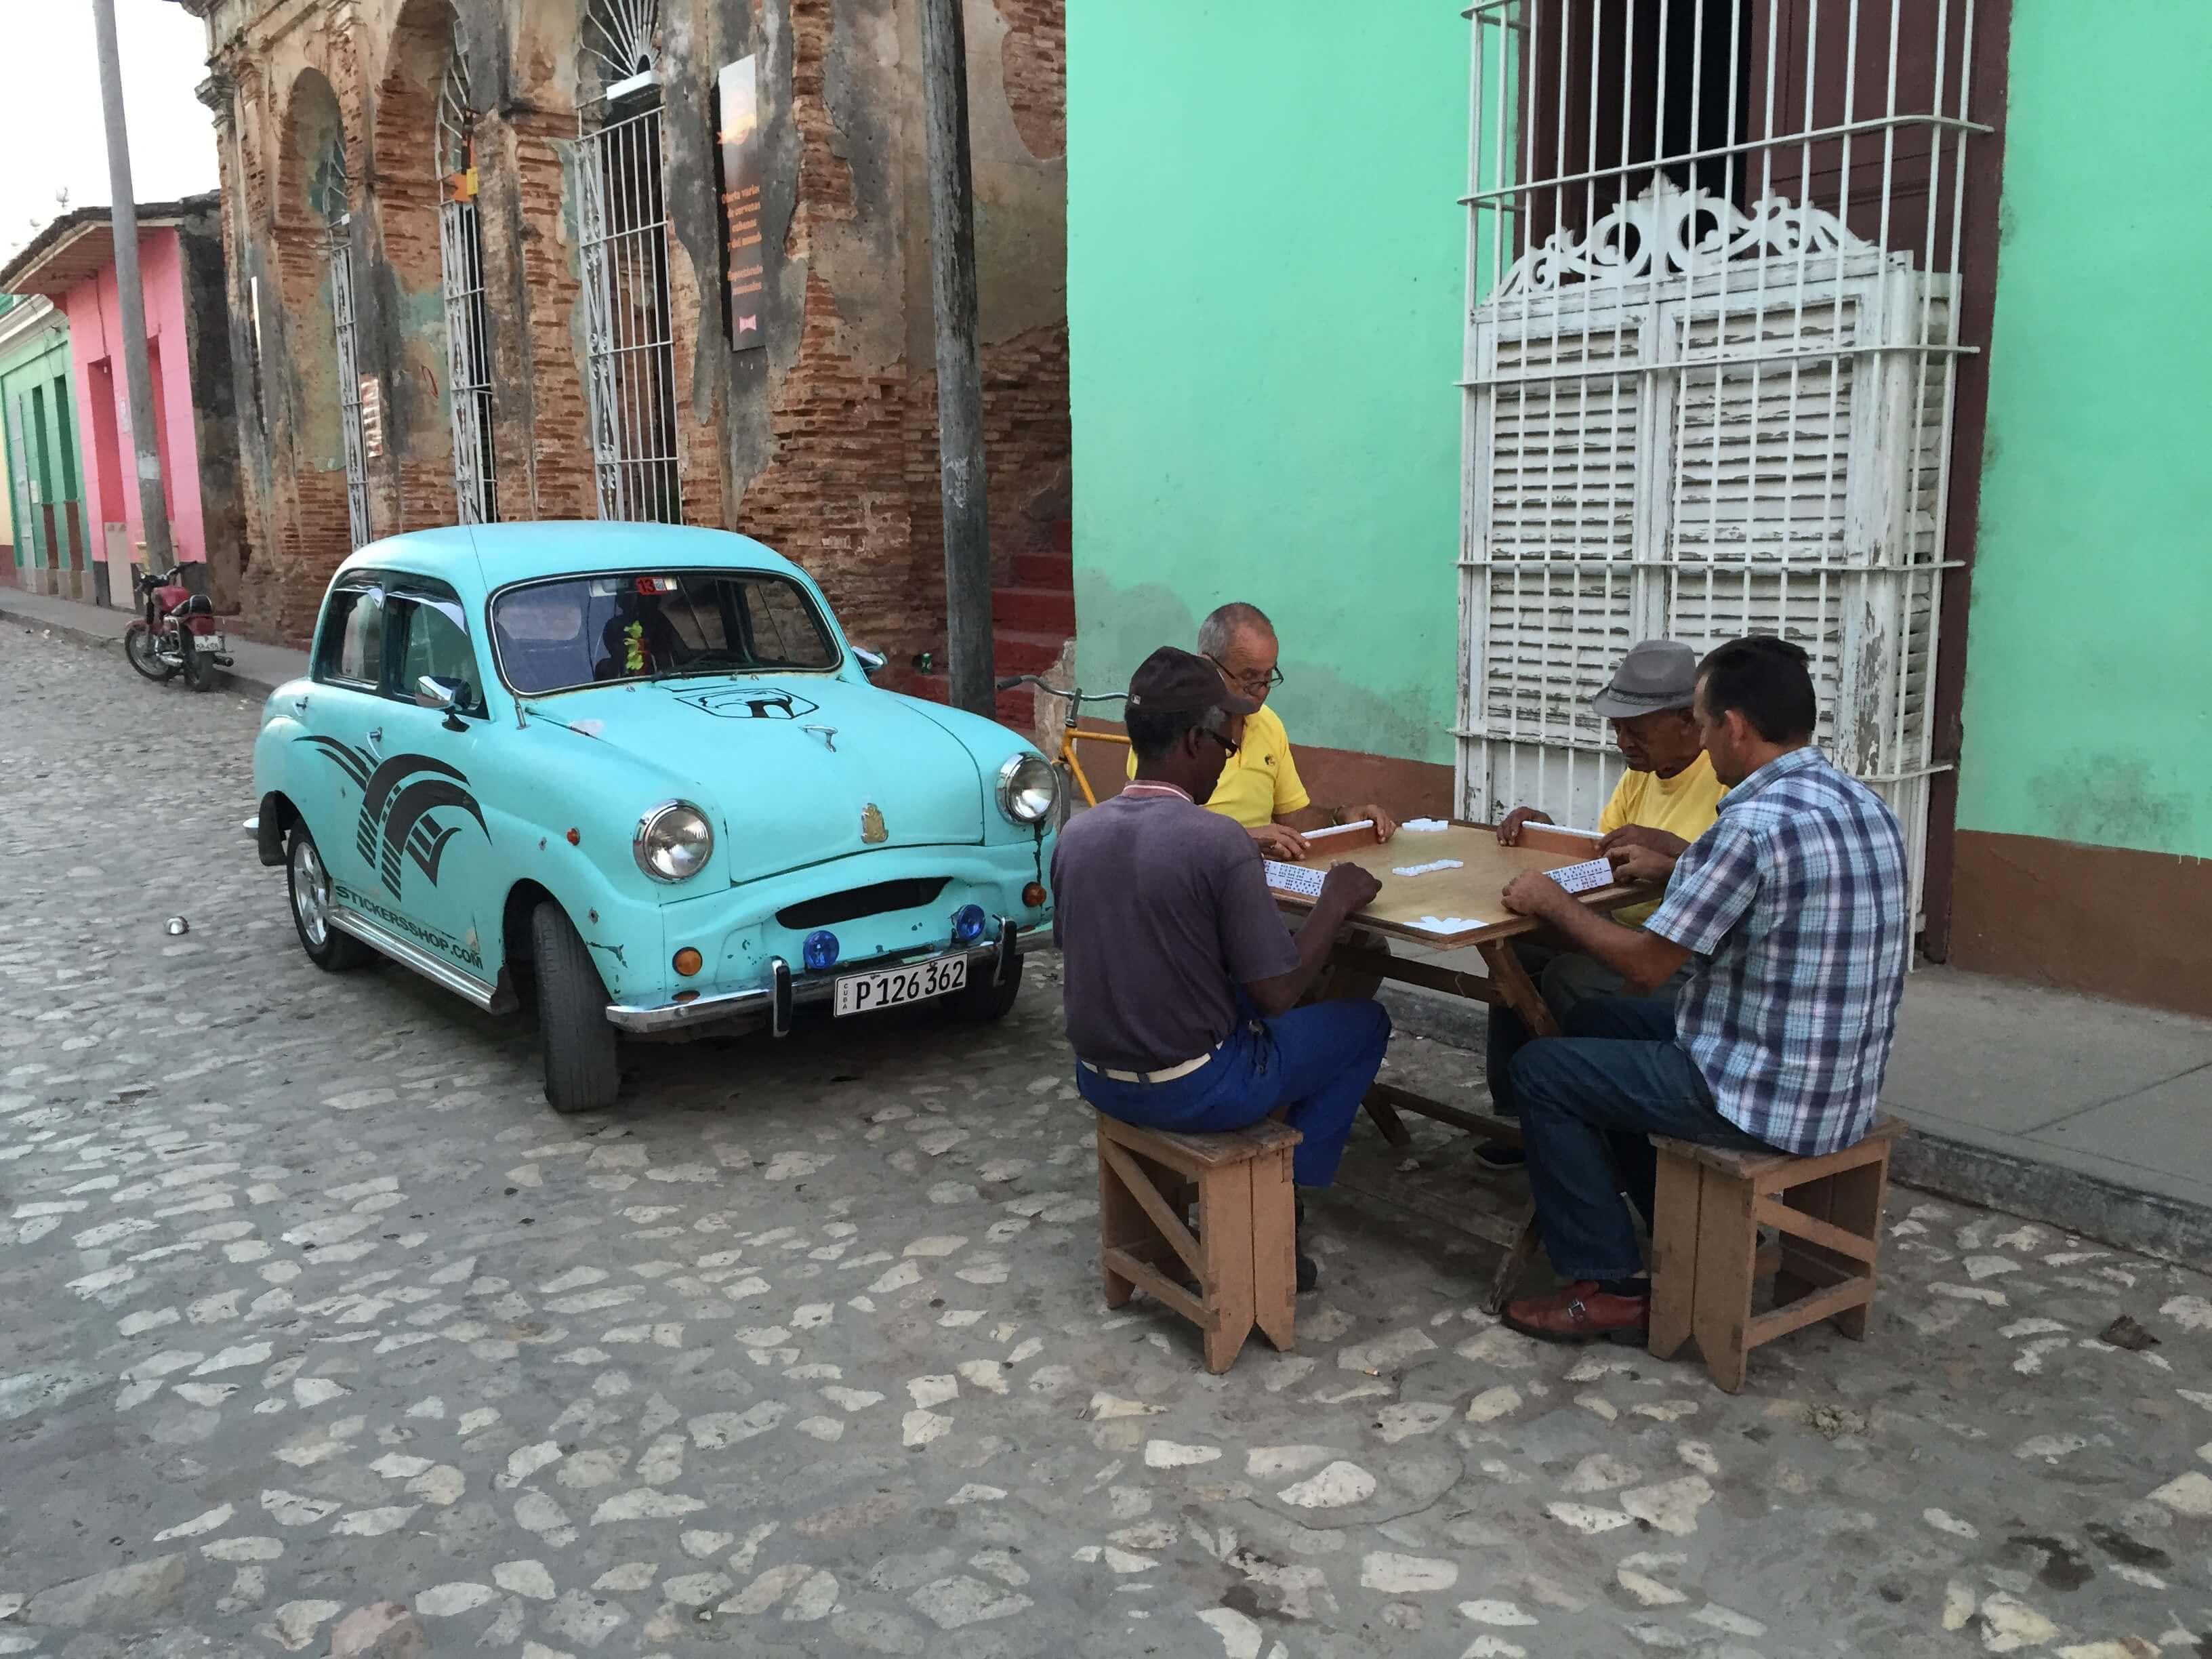 Trinidad Domino Spielen auf der Strasse